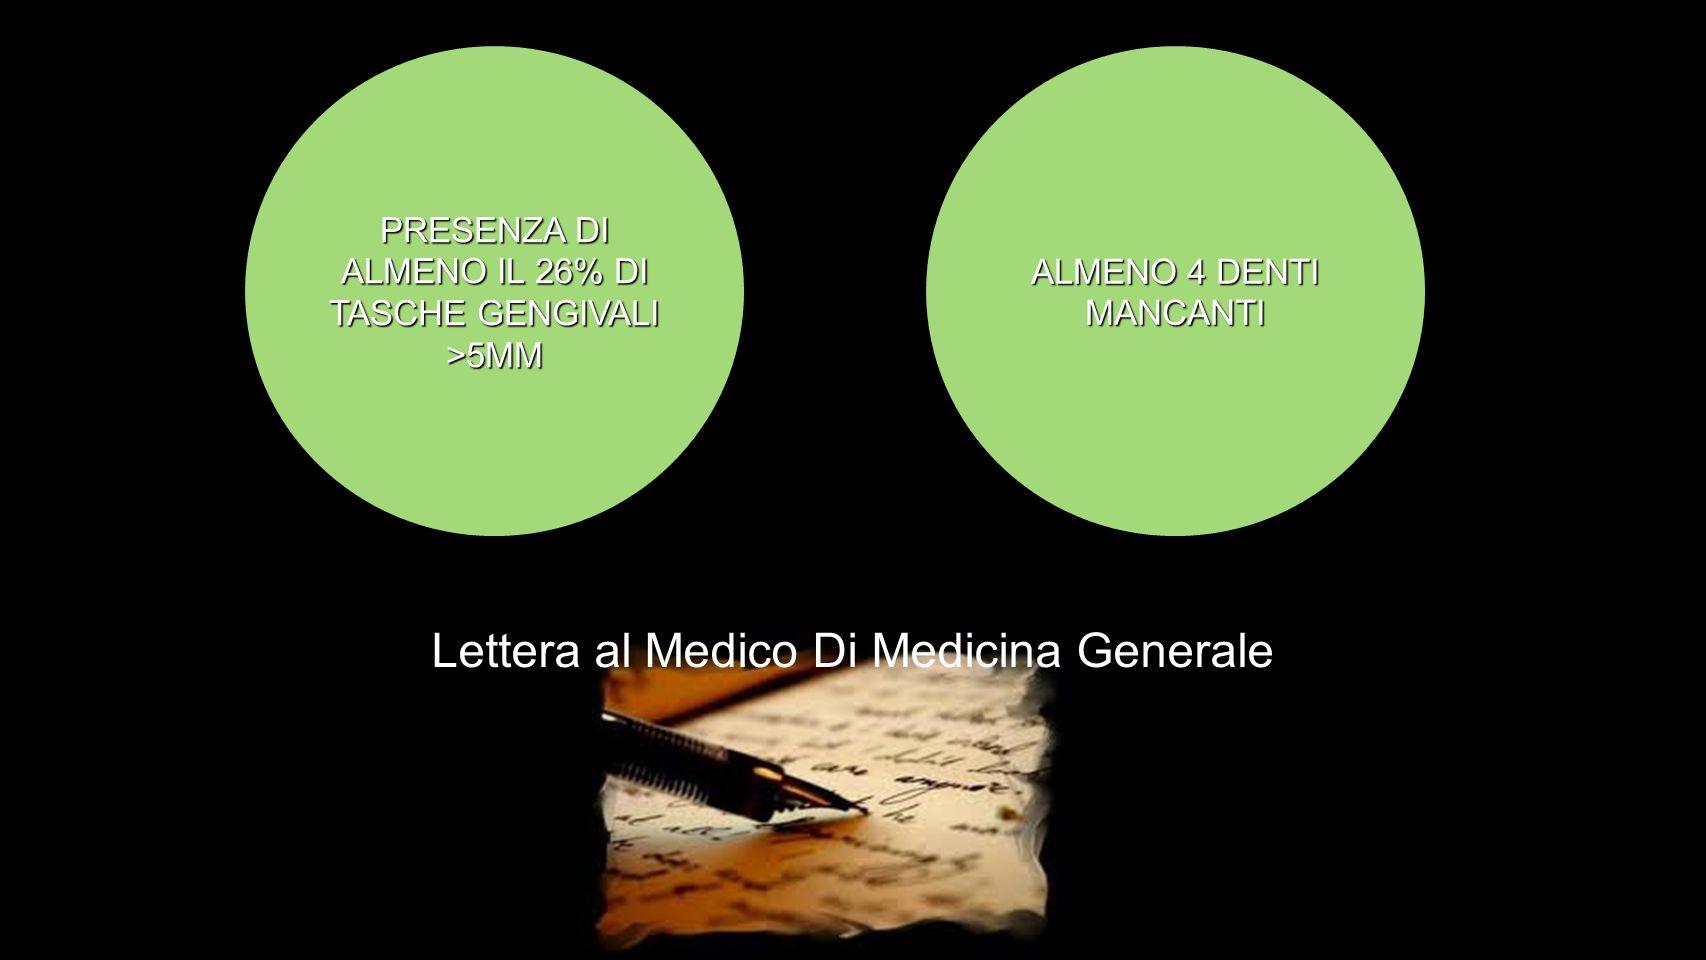 PRESENZA DI ALMENO IL 26% DI TASCHE GENGIVALI >5MM ALMENO 4 DENTI MANCANTI Lettera al Medico Di Medicina Generale